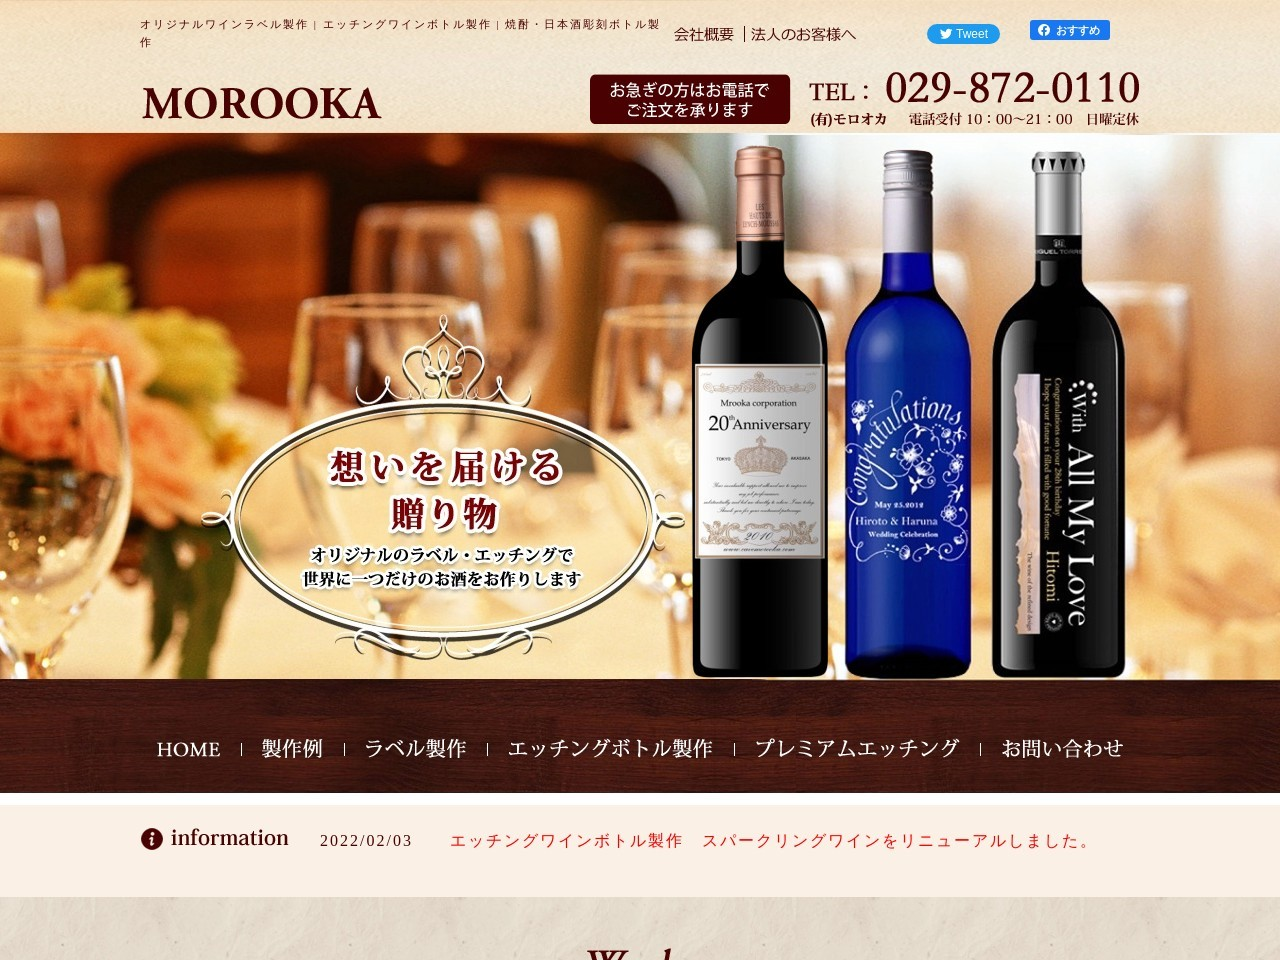 有限会社モロオカ | ワインラベル製作 | エッチングボトル製作 | 彫刻ボトル製作